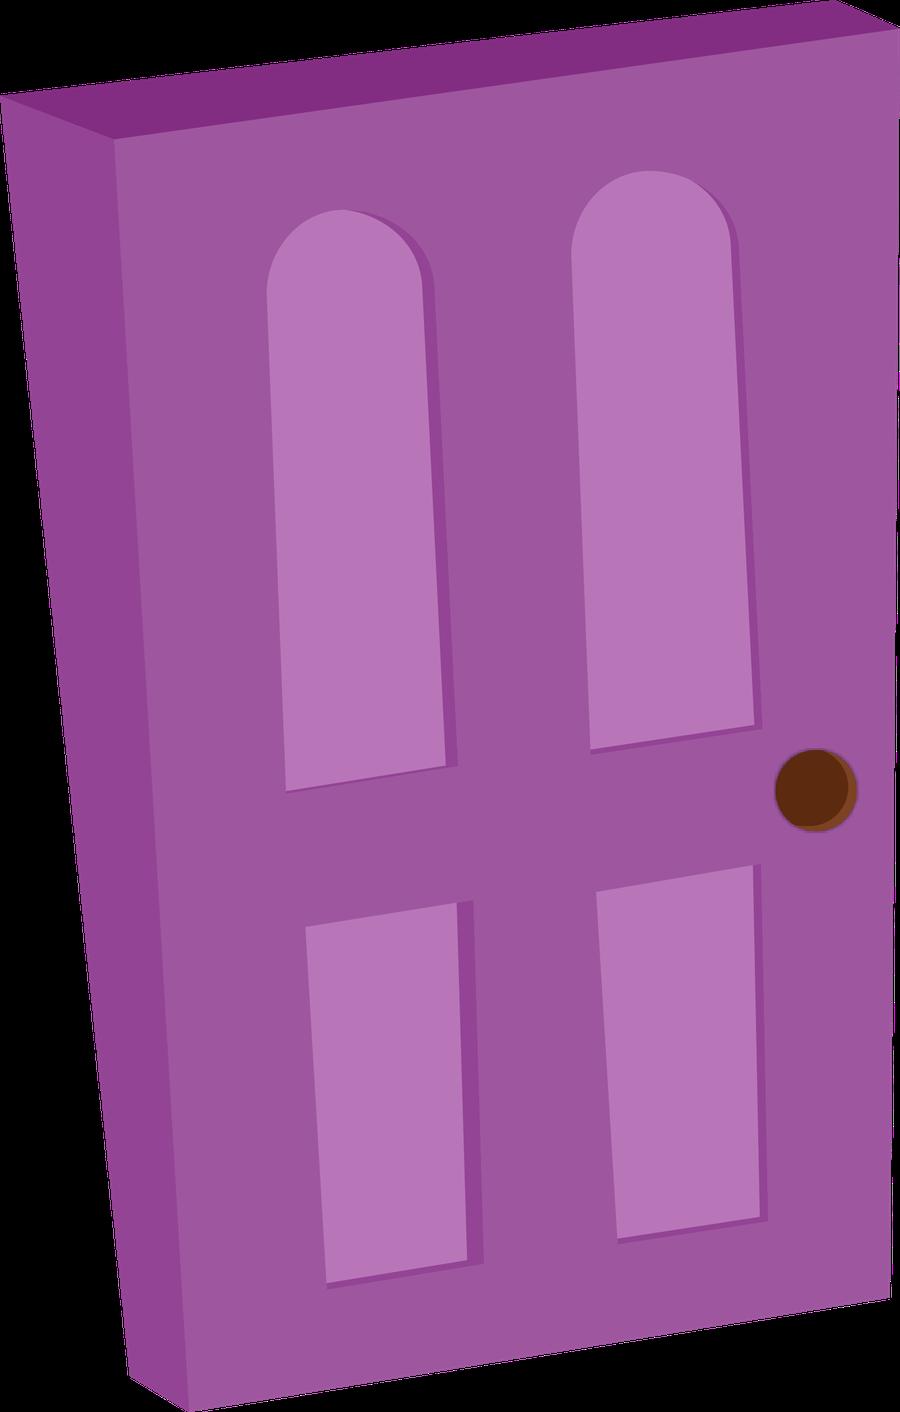 Door clipart purple door.  collection of high